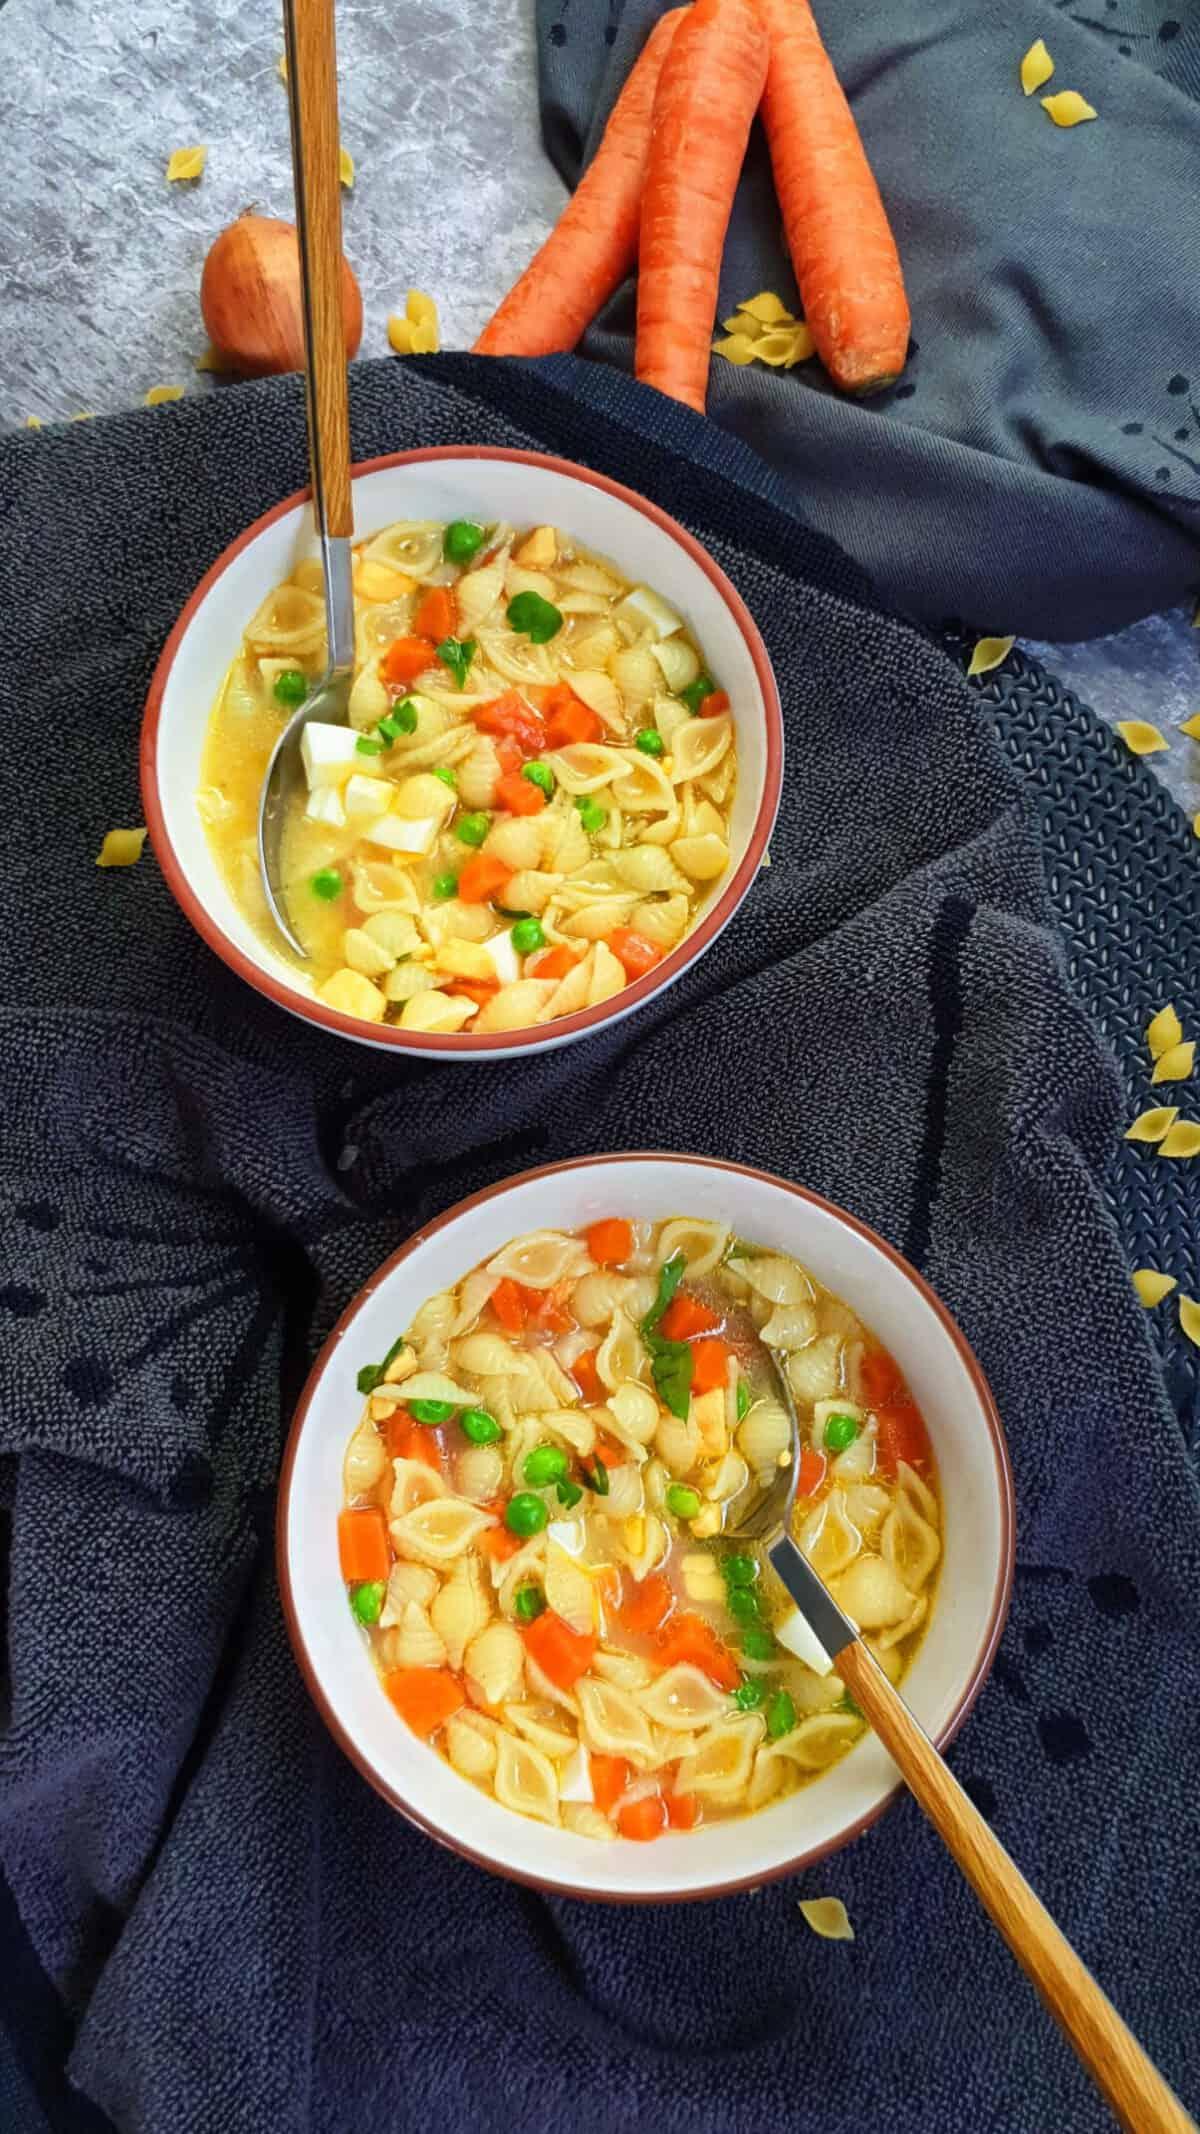 In zwei weißen Schalen serviert, eine bunte Nudelsuppe mit Gemüse. Im Hintergrund Deko.